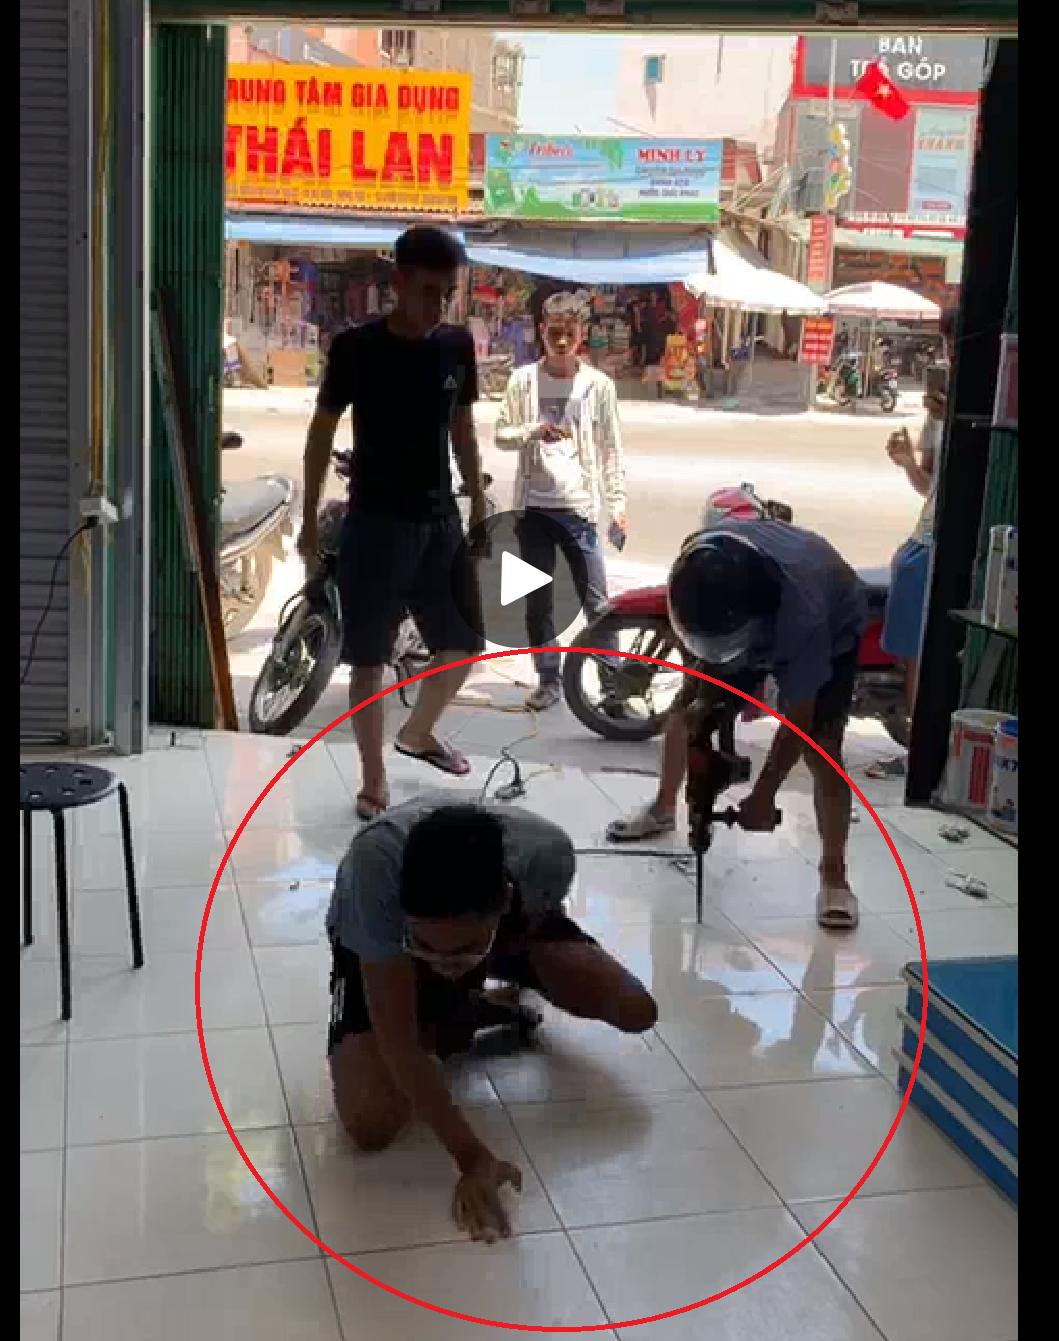 Hưng Yên: Đang làm rõ vụ côn đồ đập phá quầy thuốc, khoan vào chân nhân viên giữa ban ngày - Ảnh 1